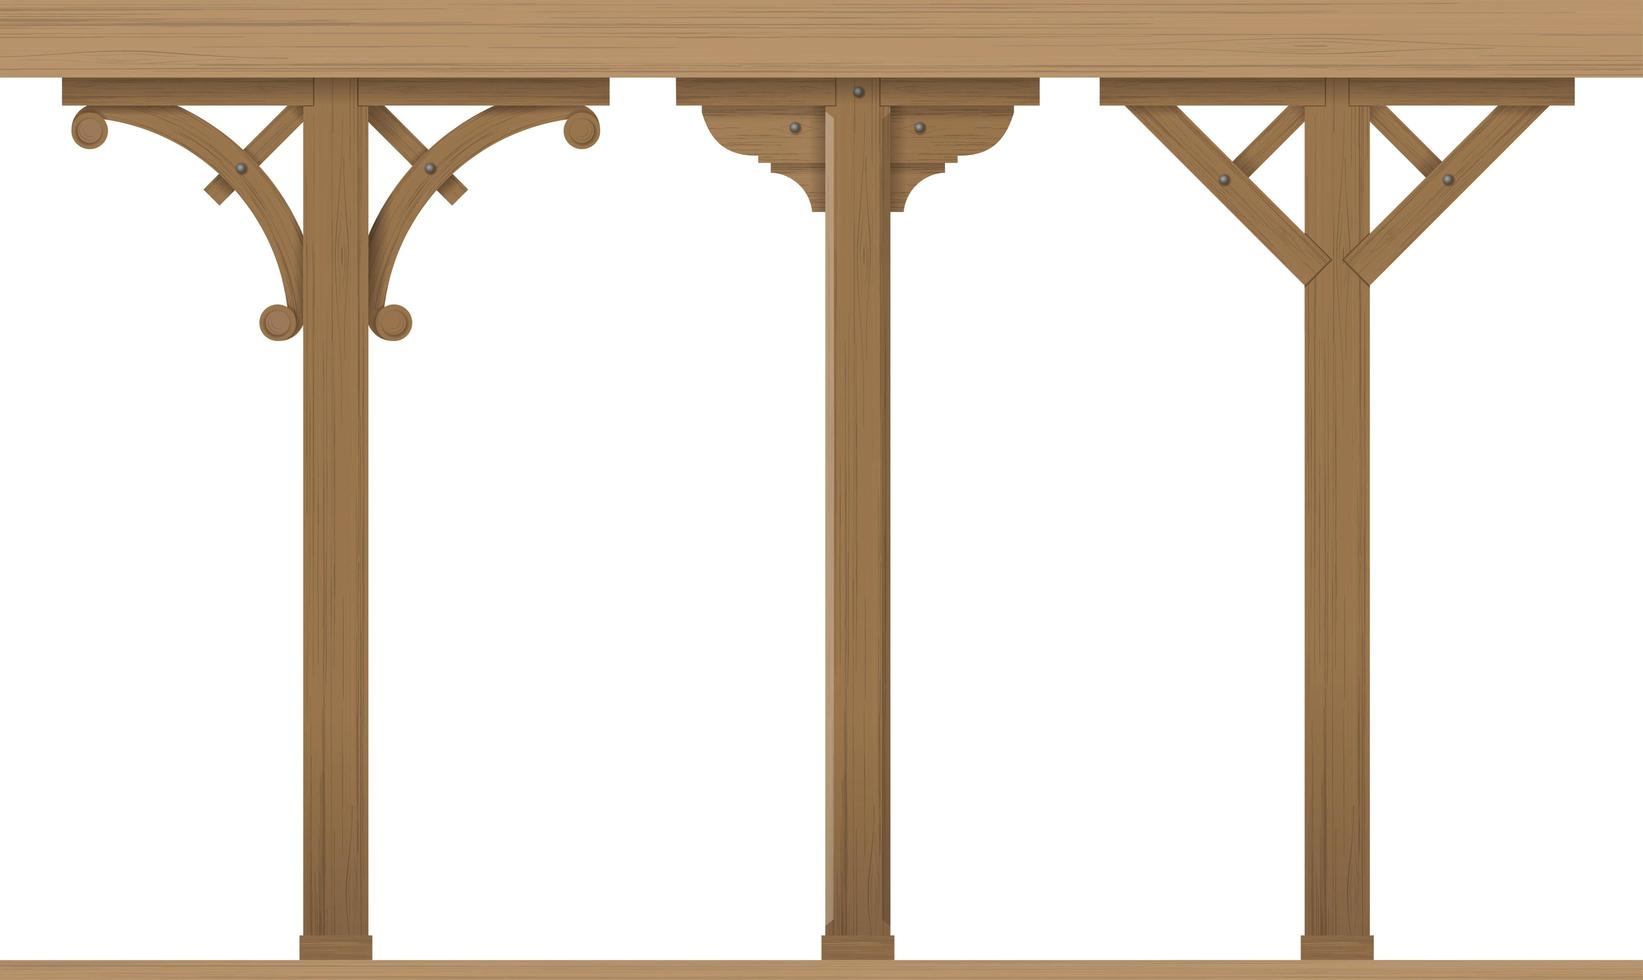 Satz Vintage hölzerne architektonische Säulen vektor